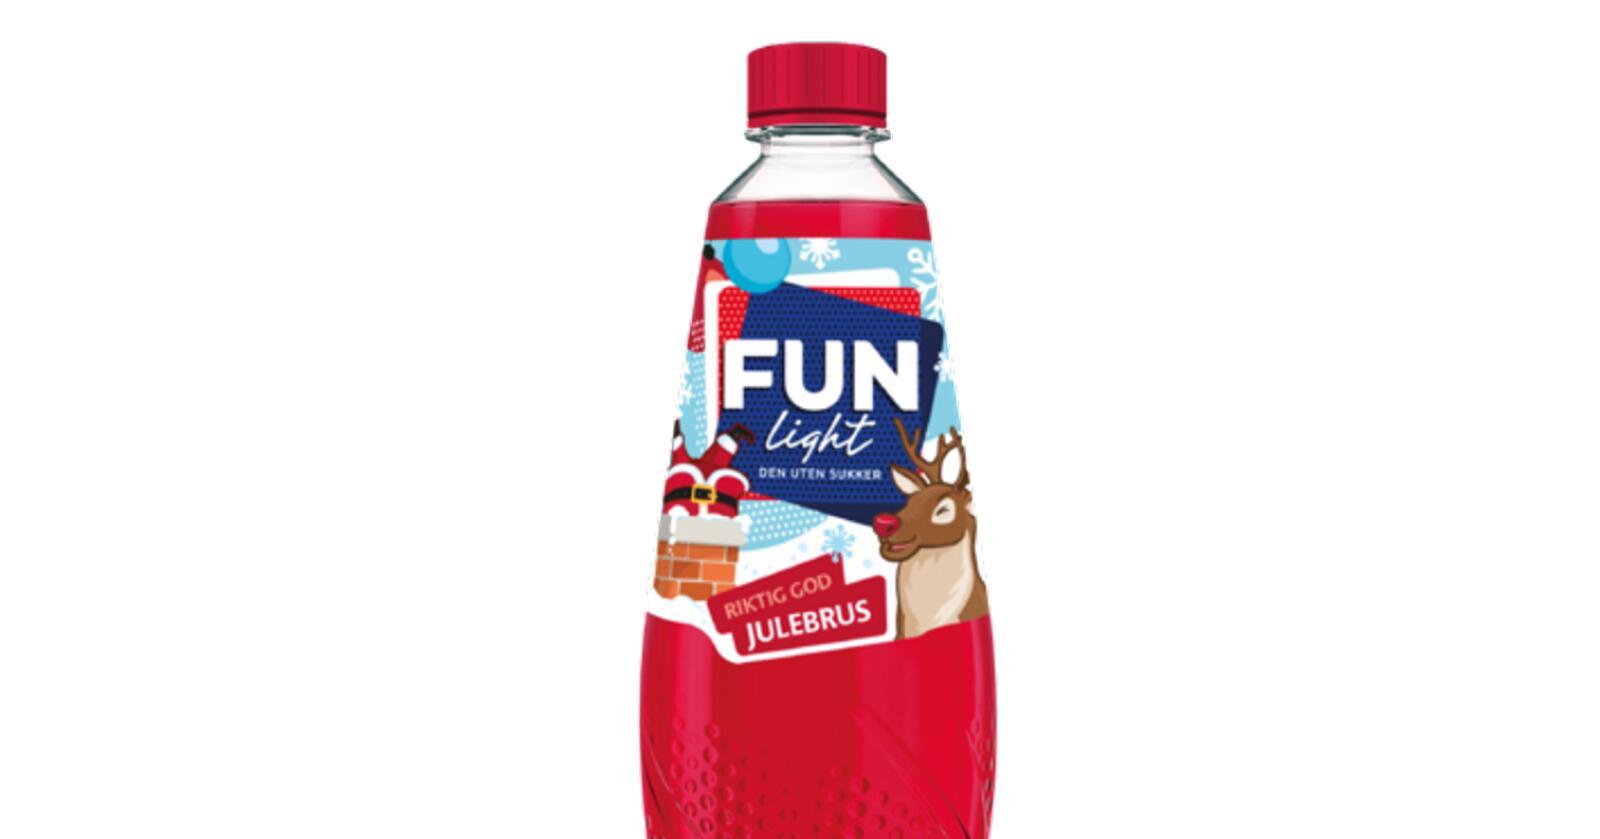 Fun Light med smaken av julebrus ble raskt utsolgt i butikkene. Foto: Orkla